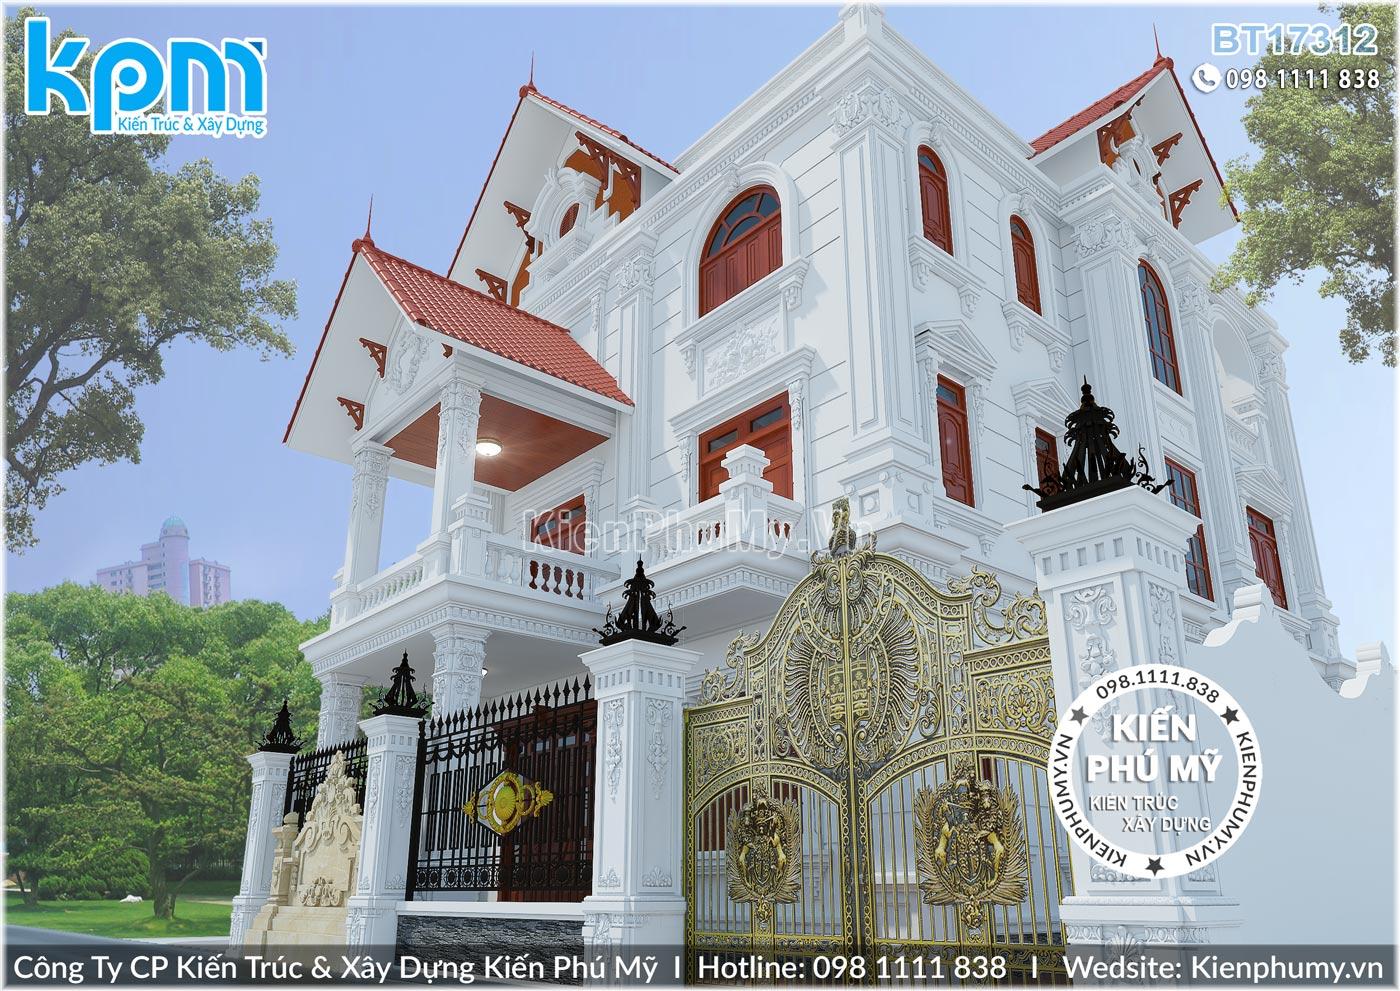 thiết kế thi công biệt thự cổ điển chuyên nghiệp tại Hưng Yên 10